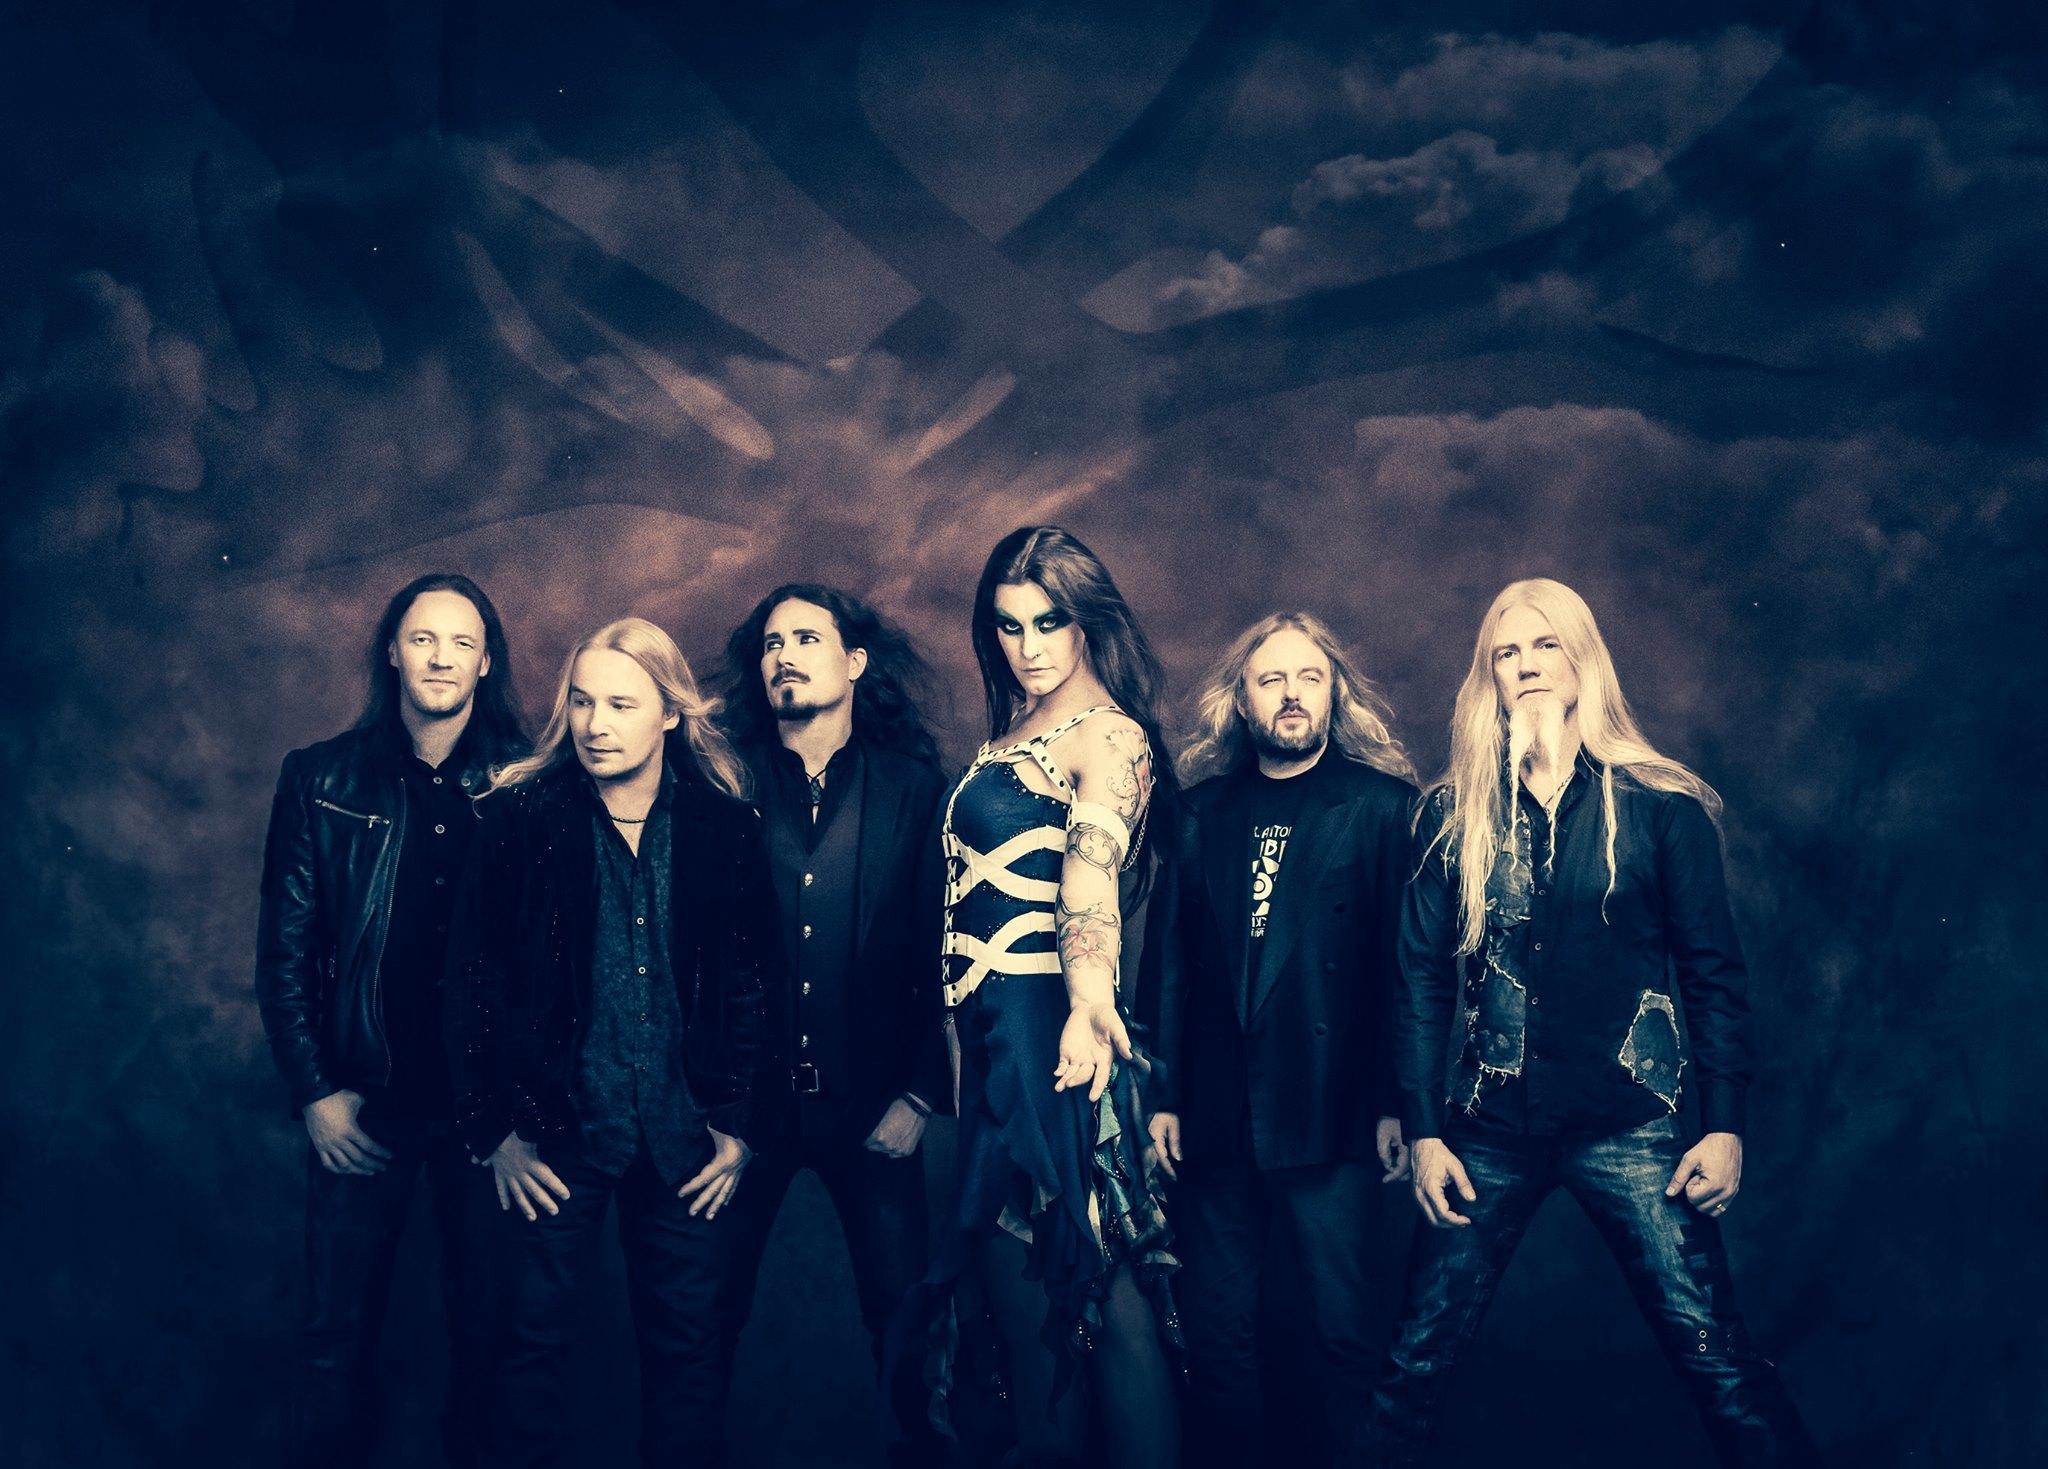 Najpopularniejsze zespoły rockowe z Finlandii